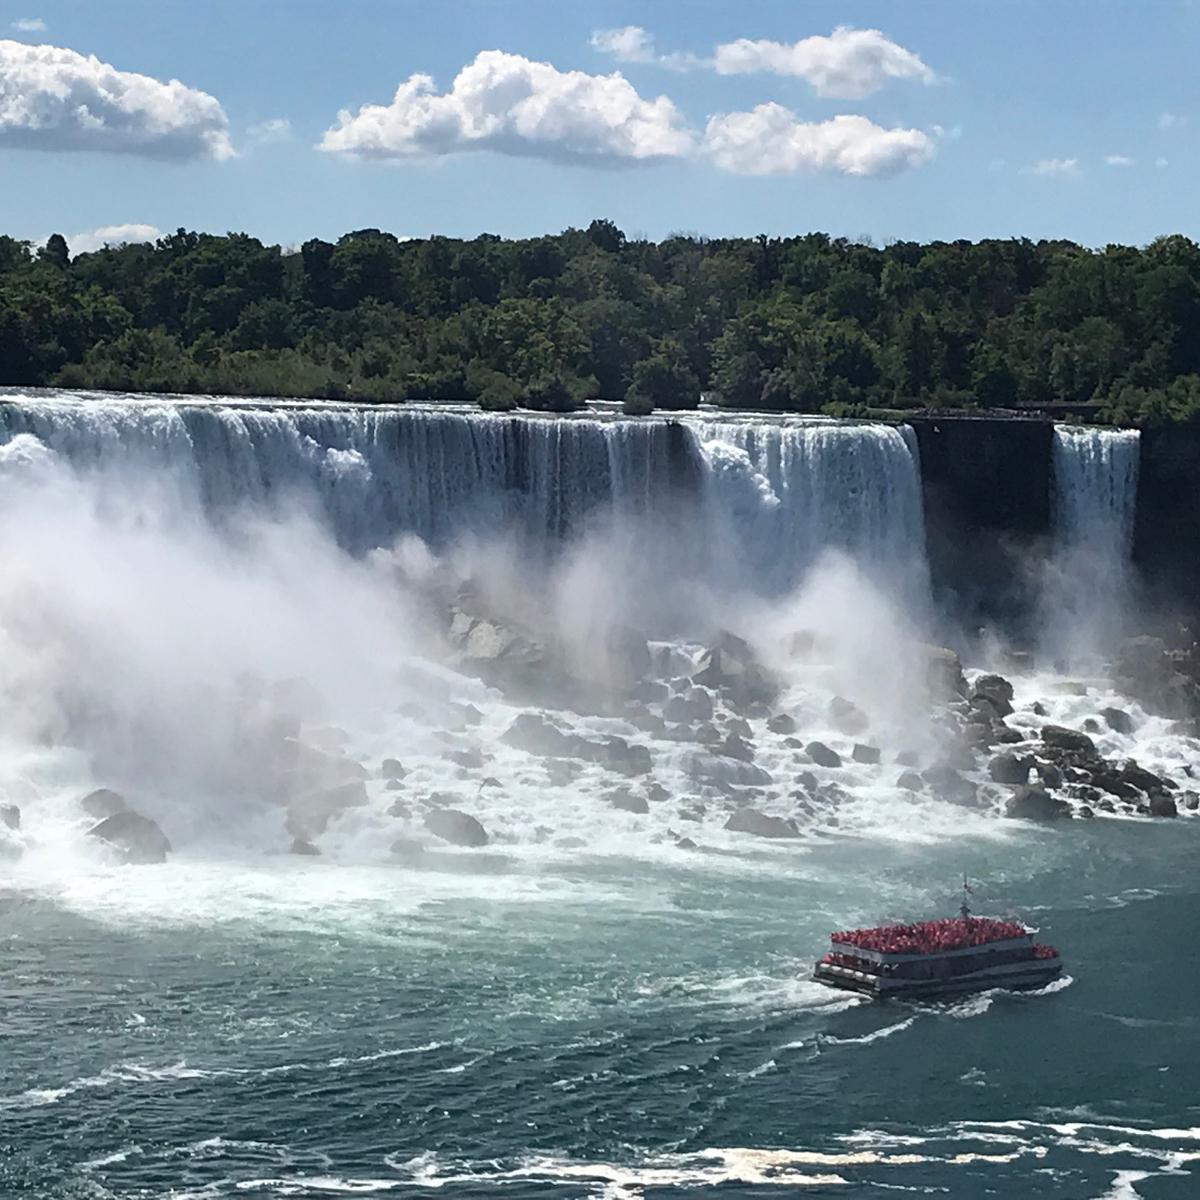 カナダ・トロント大人旅のすすめ。アートや食を満喫できるコースもご紹介!